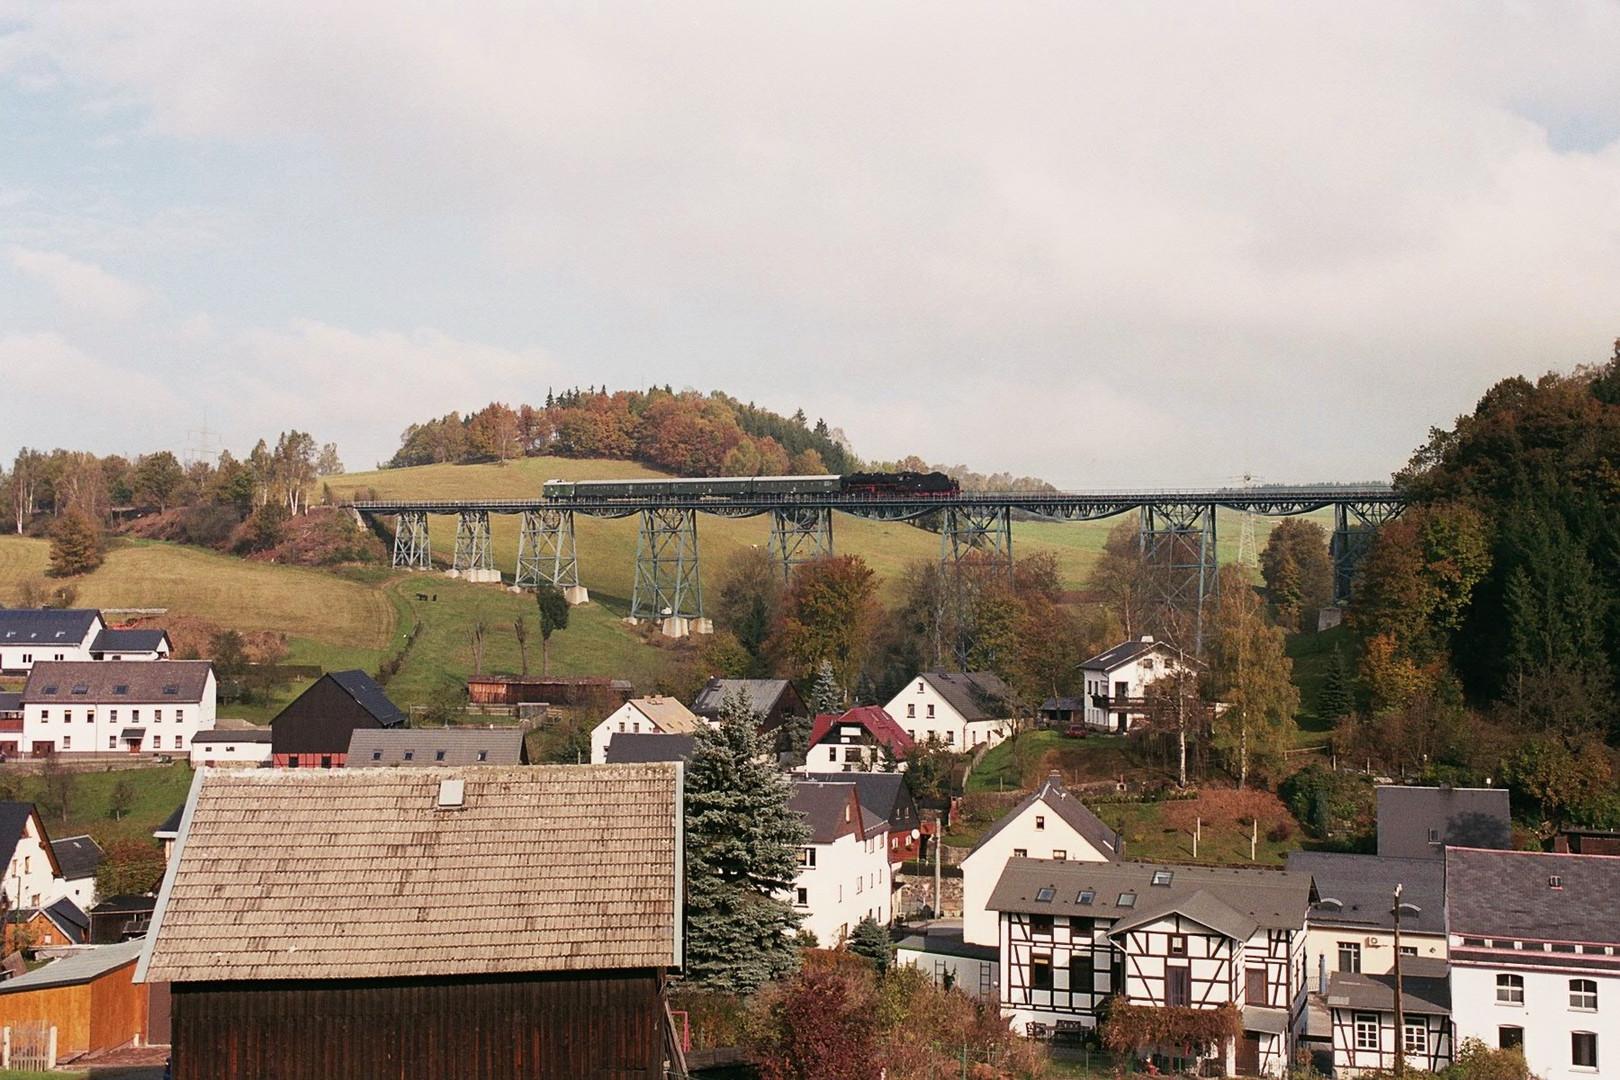 Der Viadukt von Markersbach